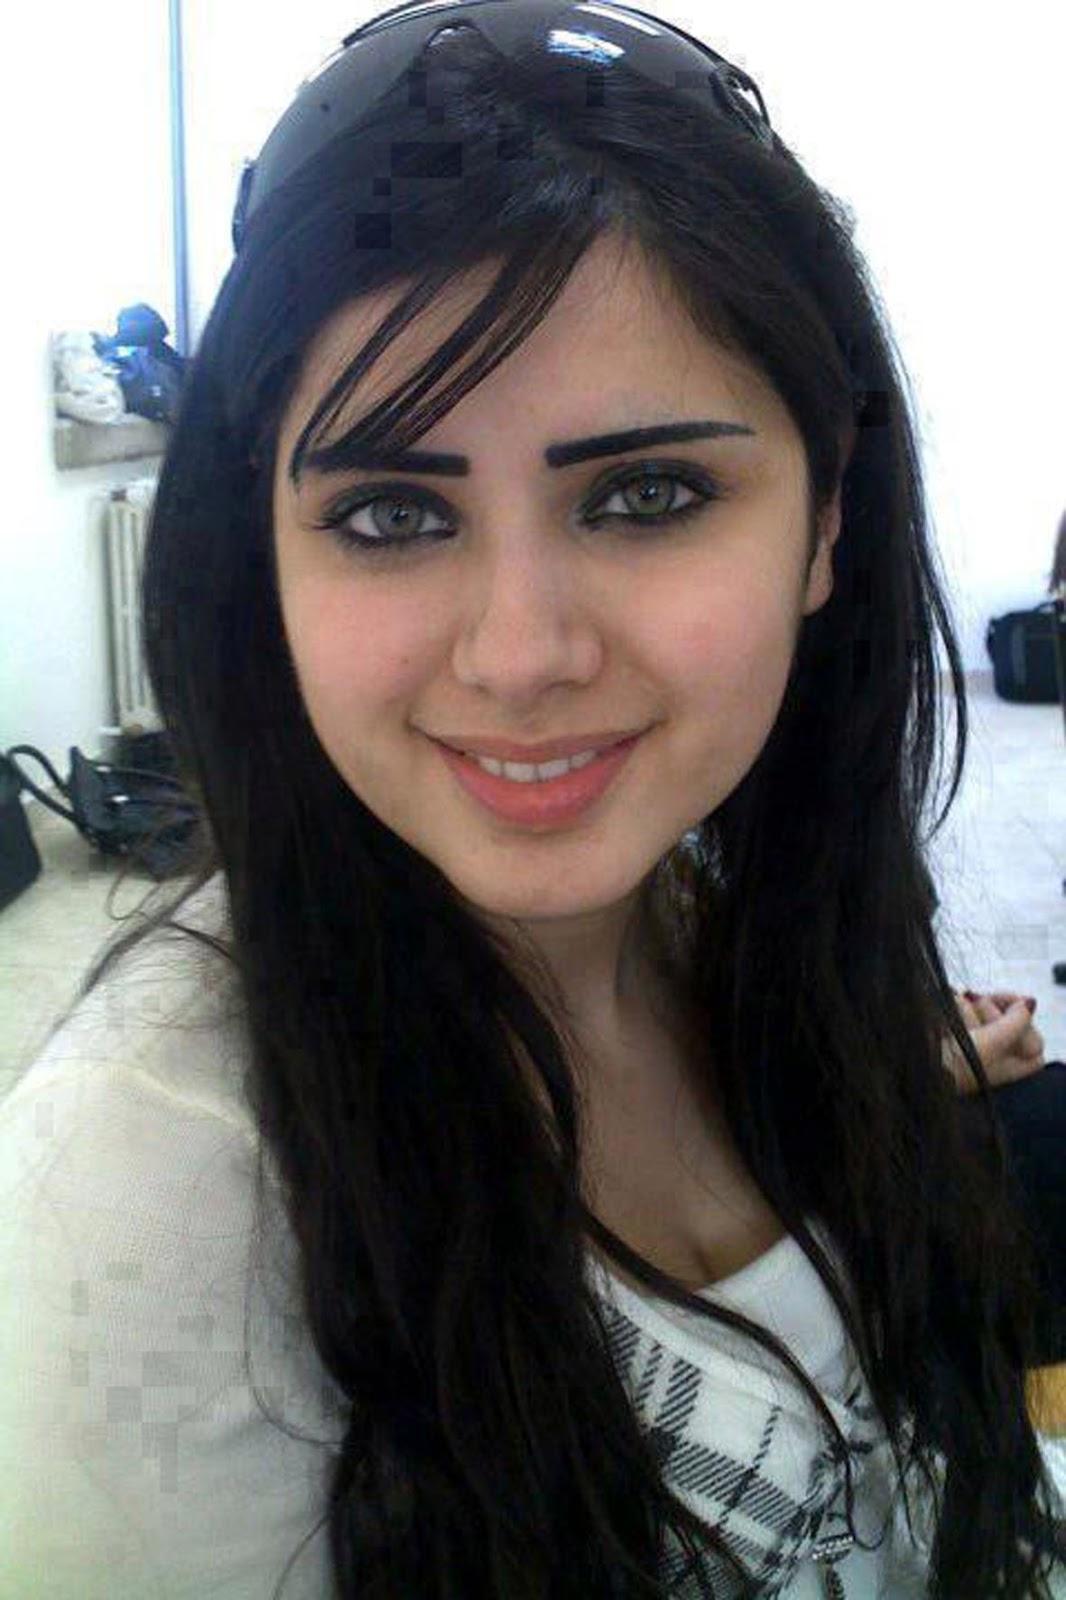 صورة بنات فيس بوك , بنات كيوتات على الفيس بوك 427 1